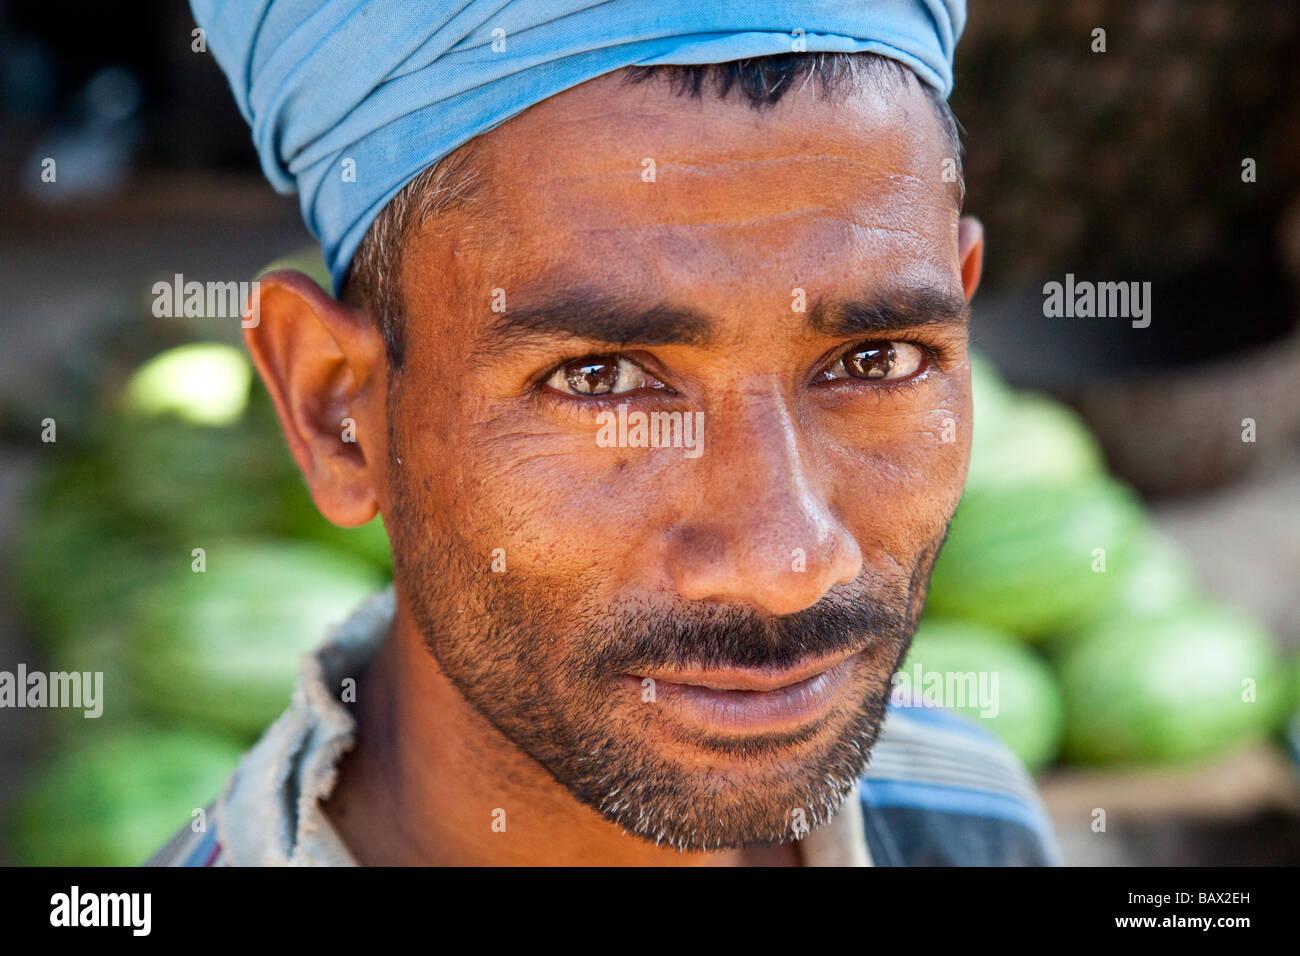 Porter en la Crawford Mercado de frutas y verduras en Mumbai, India Imagen De Stock